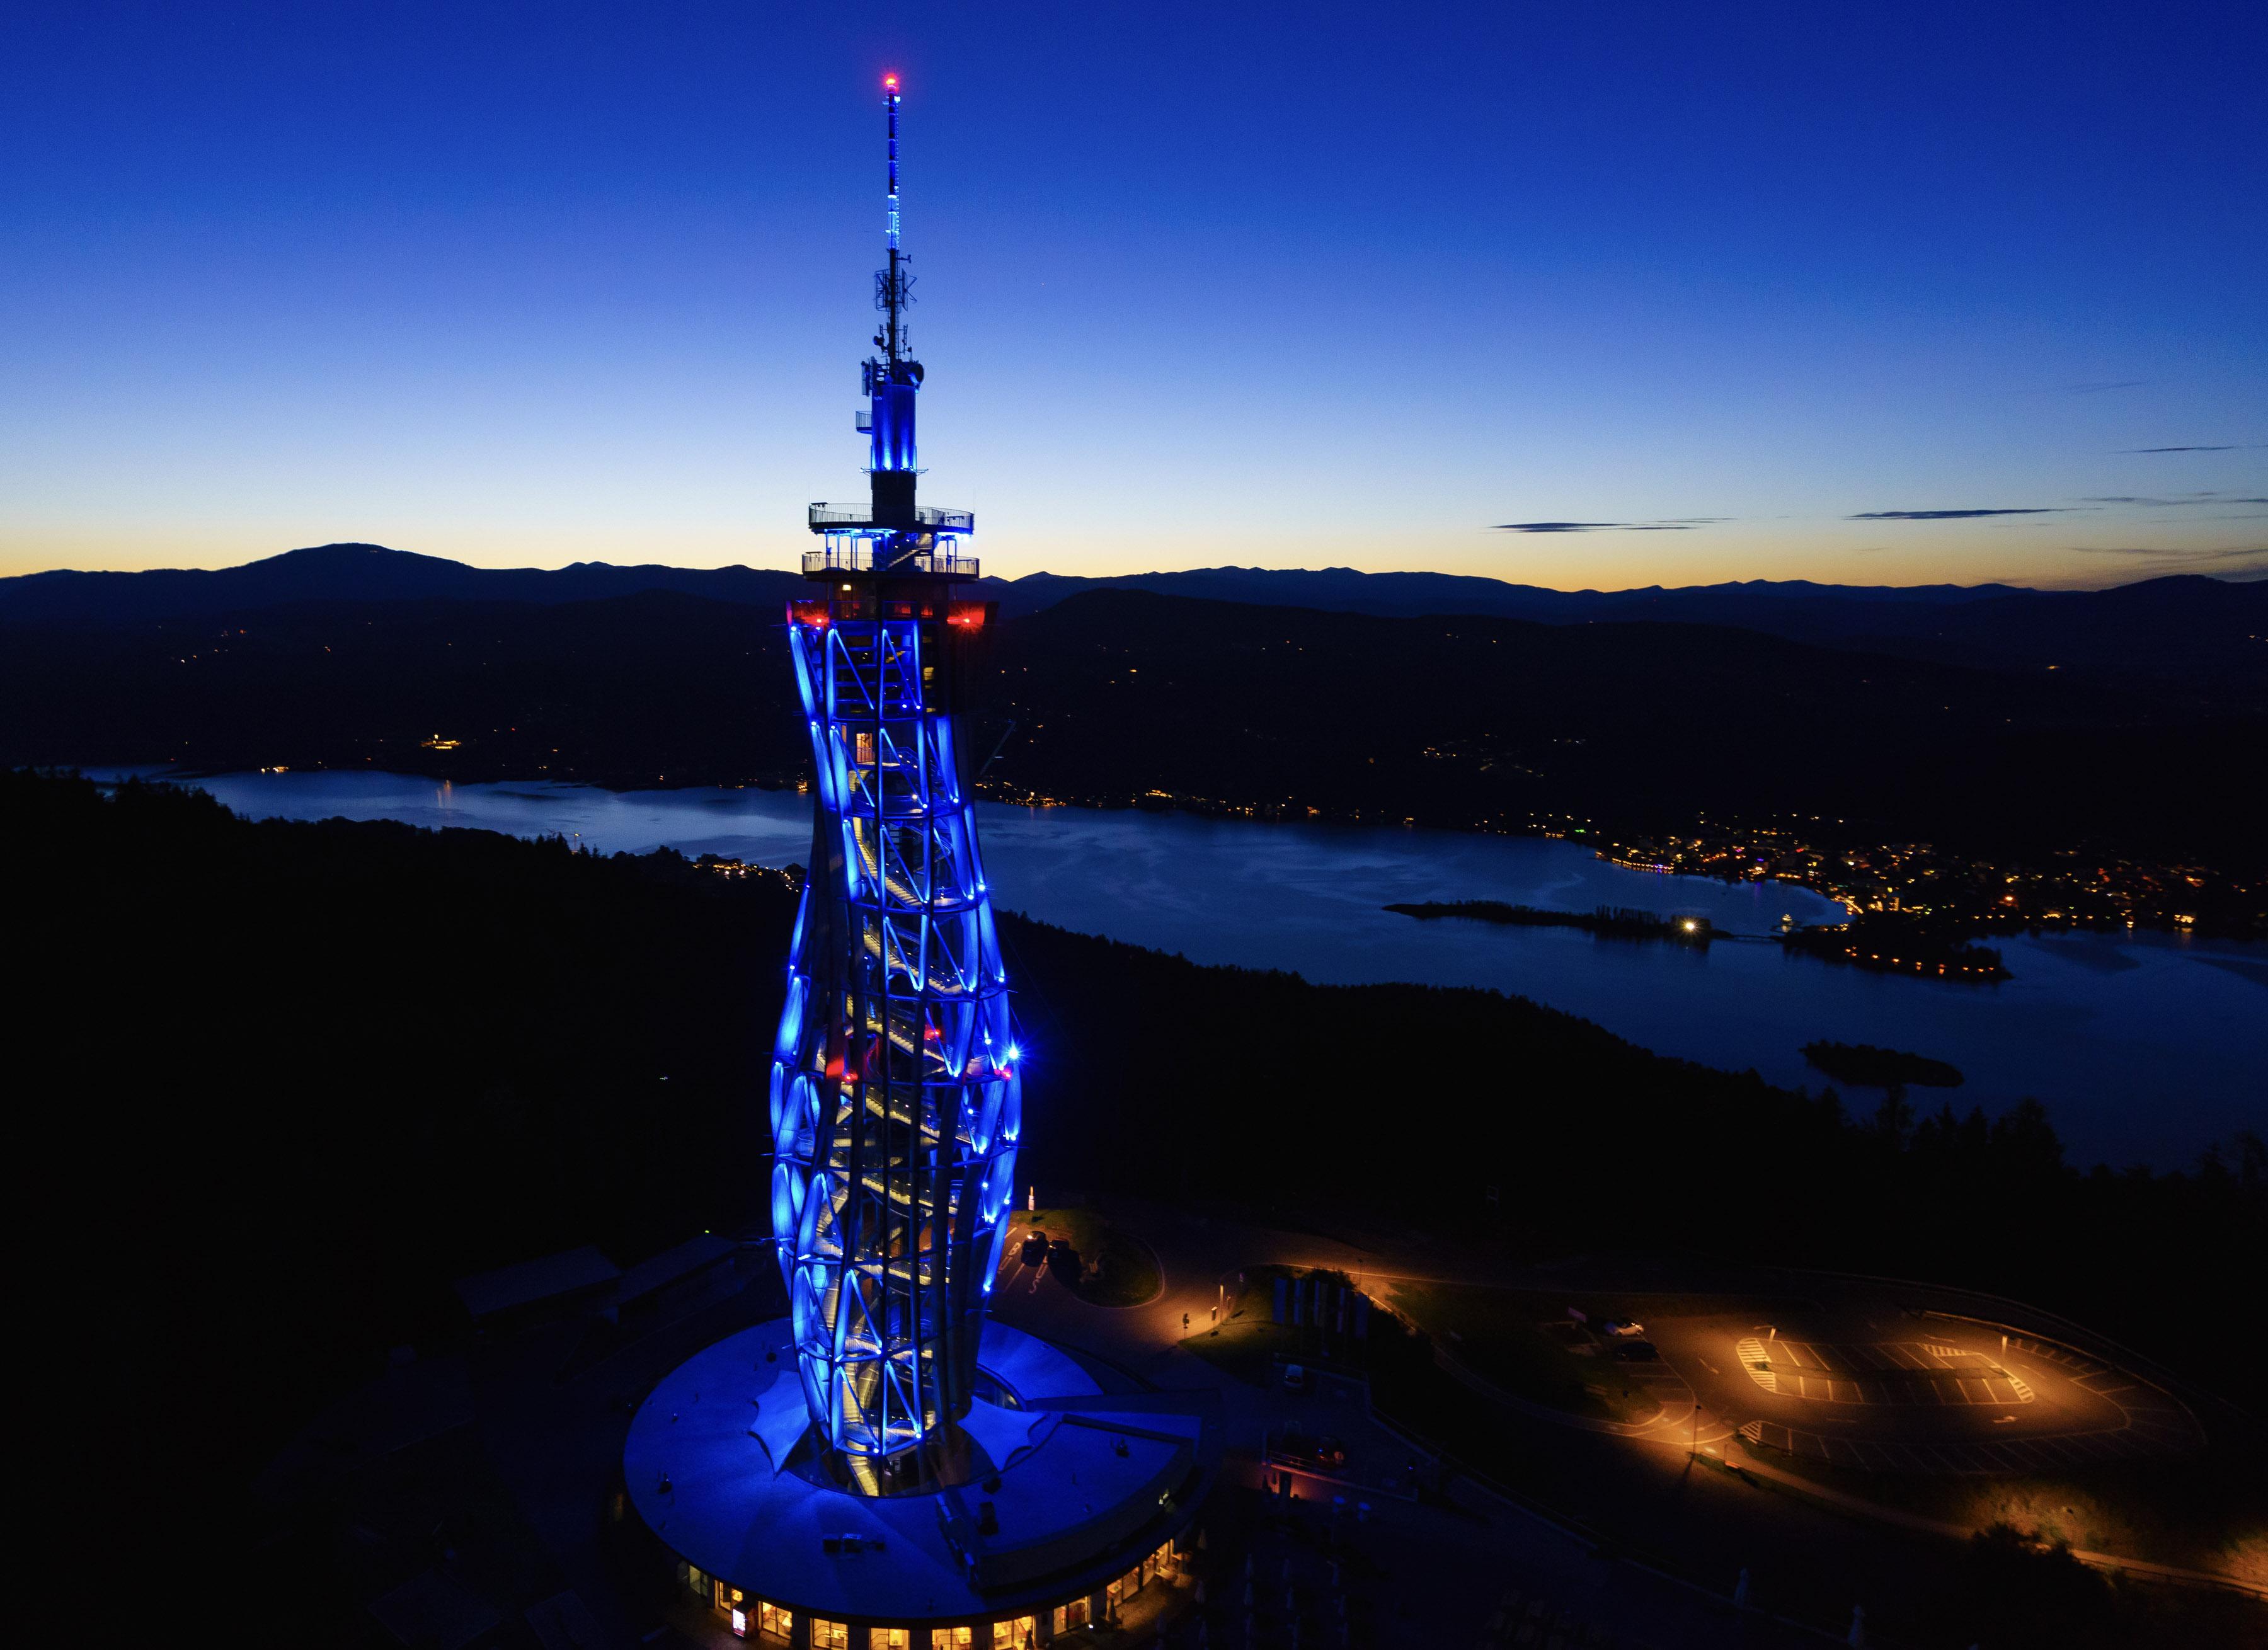 Pyramidenkogel Blau - Pyramidenkogel-Turm wird Eishockey-Botschafter